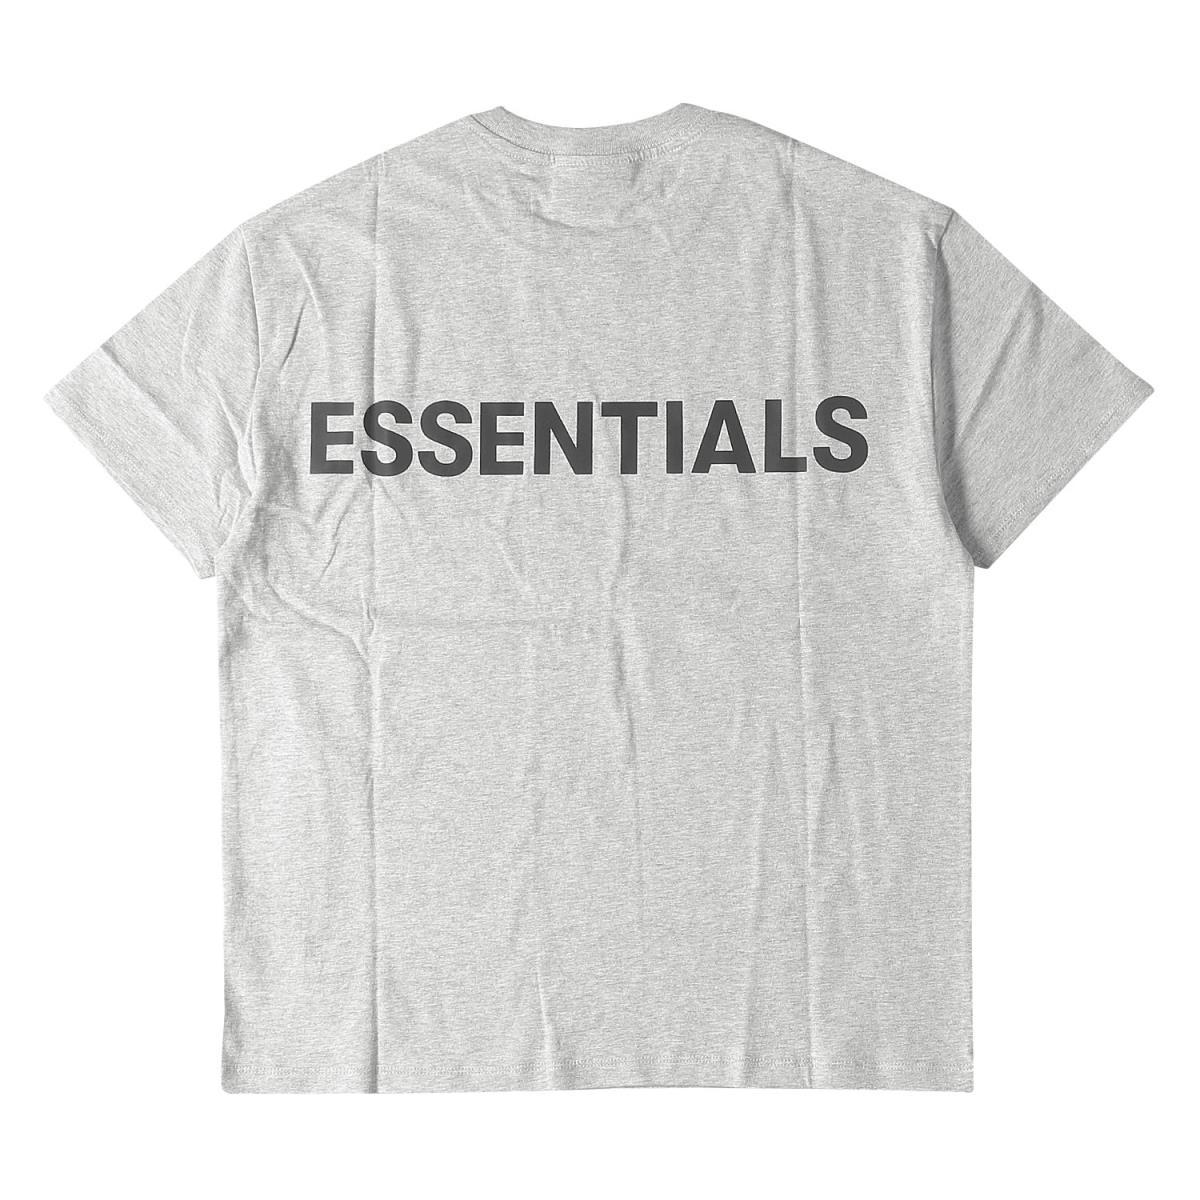 FEAR OF GOD フィアオブゴッド Tシャツ バック リフレクター ロゴ クルーネック Tシャツ Boxy T-Shirt FOG ESSENTIALS 19AW ヘザーグレー ブラックリフレクティブ XS 【メンズ】【K2586】